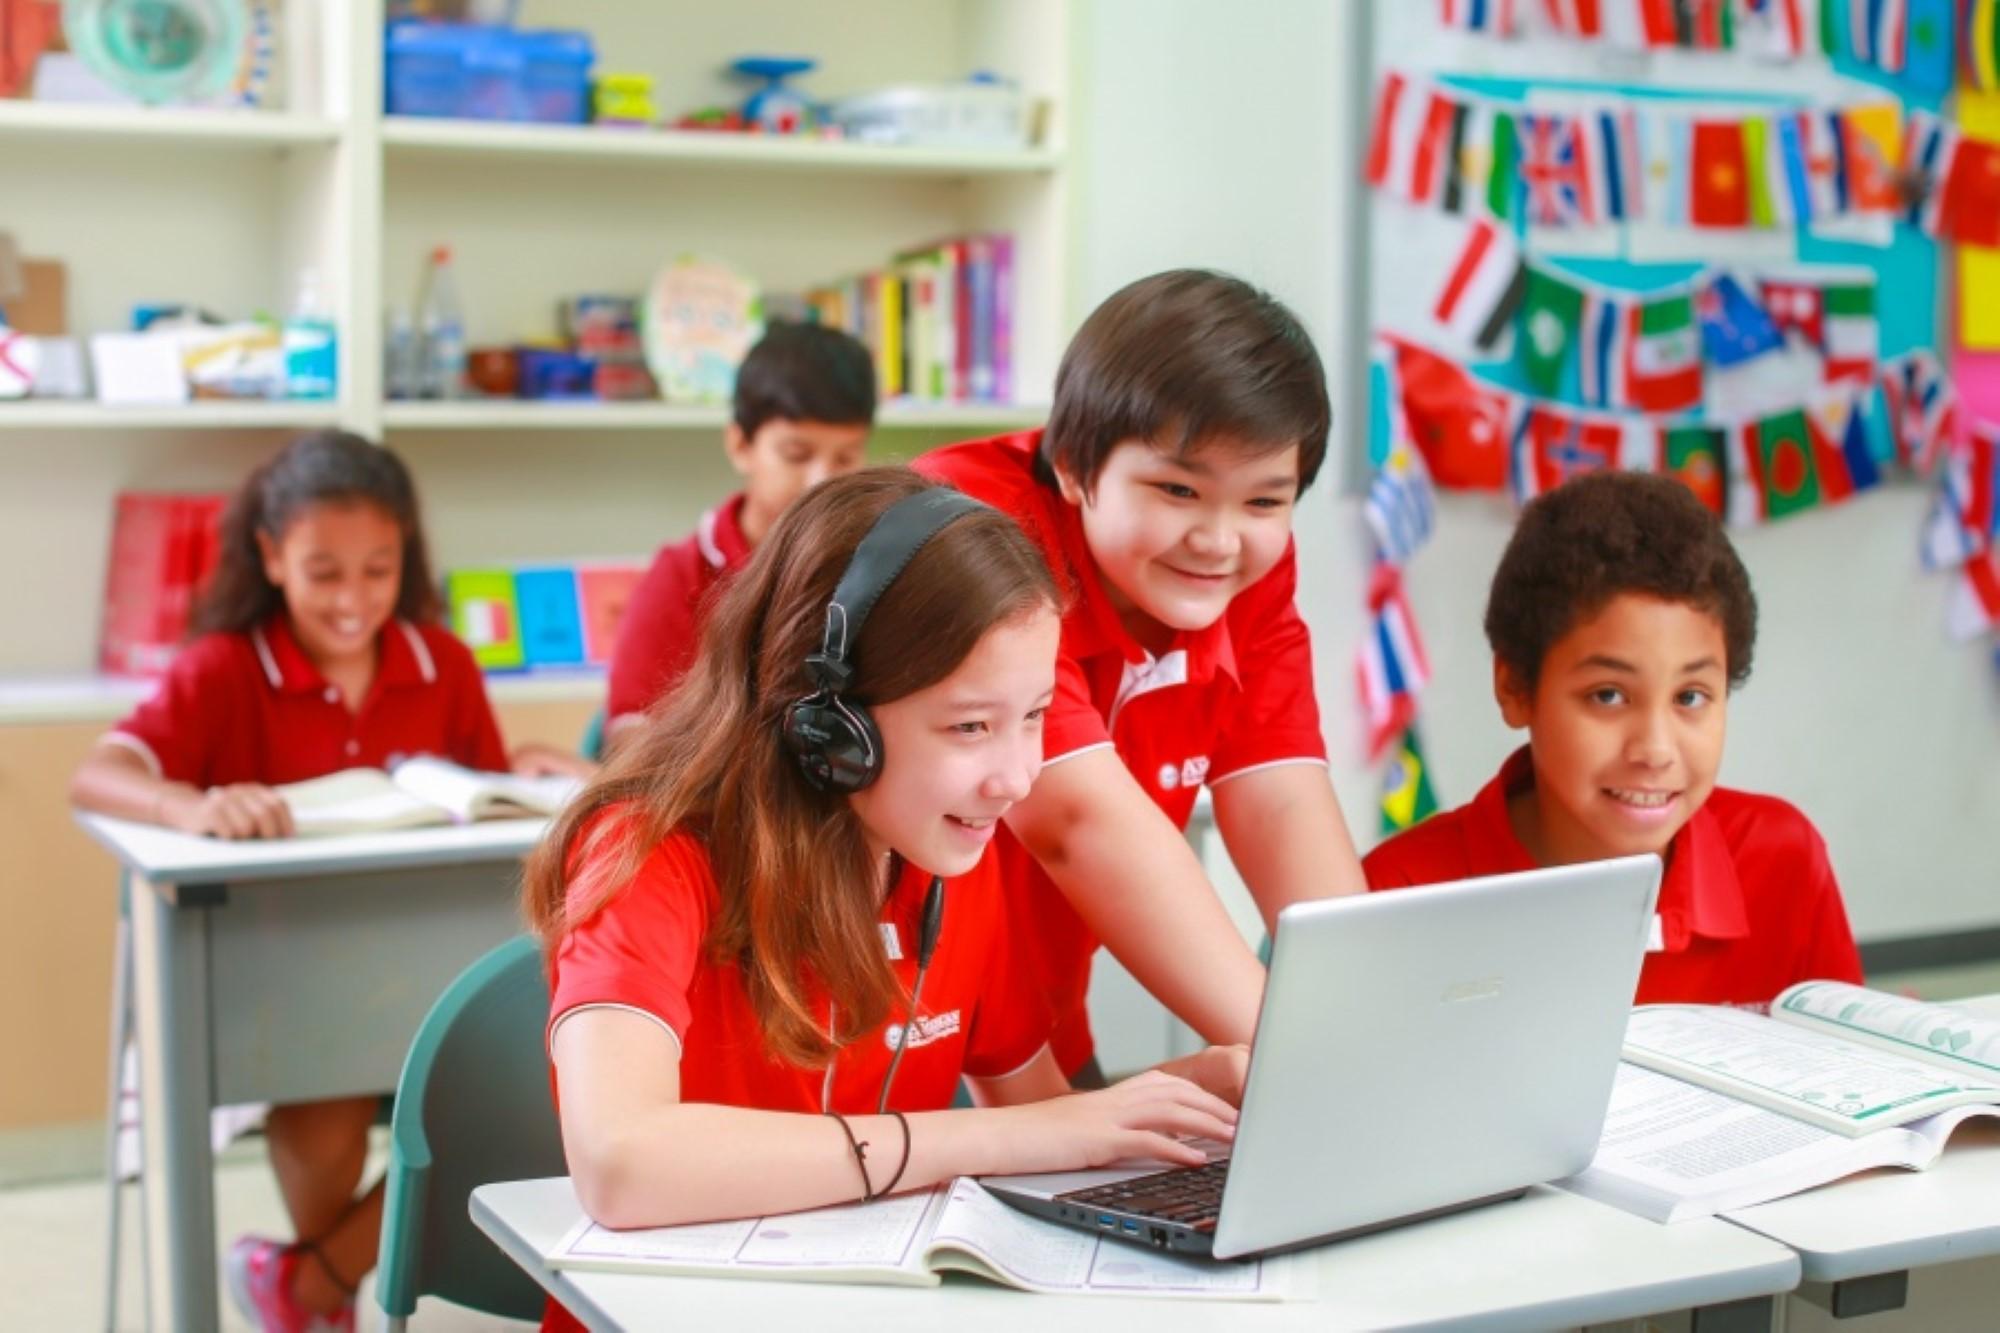 曼谷美國學校 ASB 素坤逸校區 Sukhumvit Campus 曼谷國學校 素坤逸校區